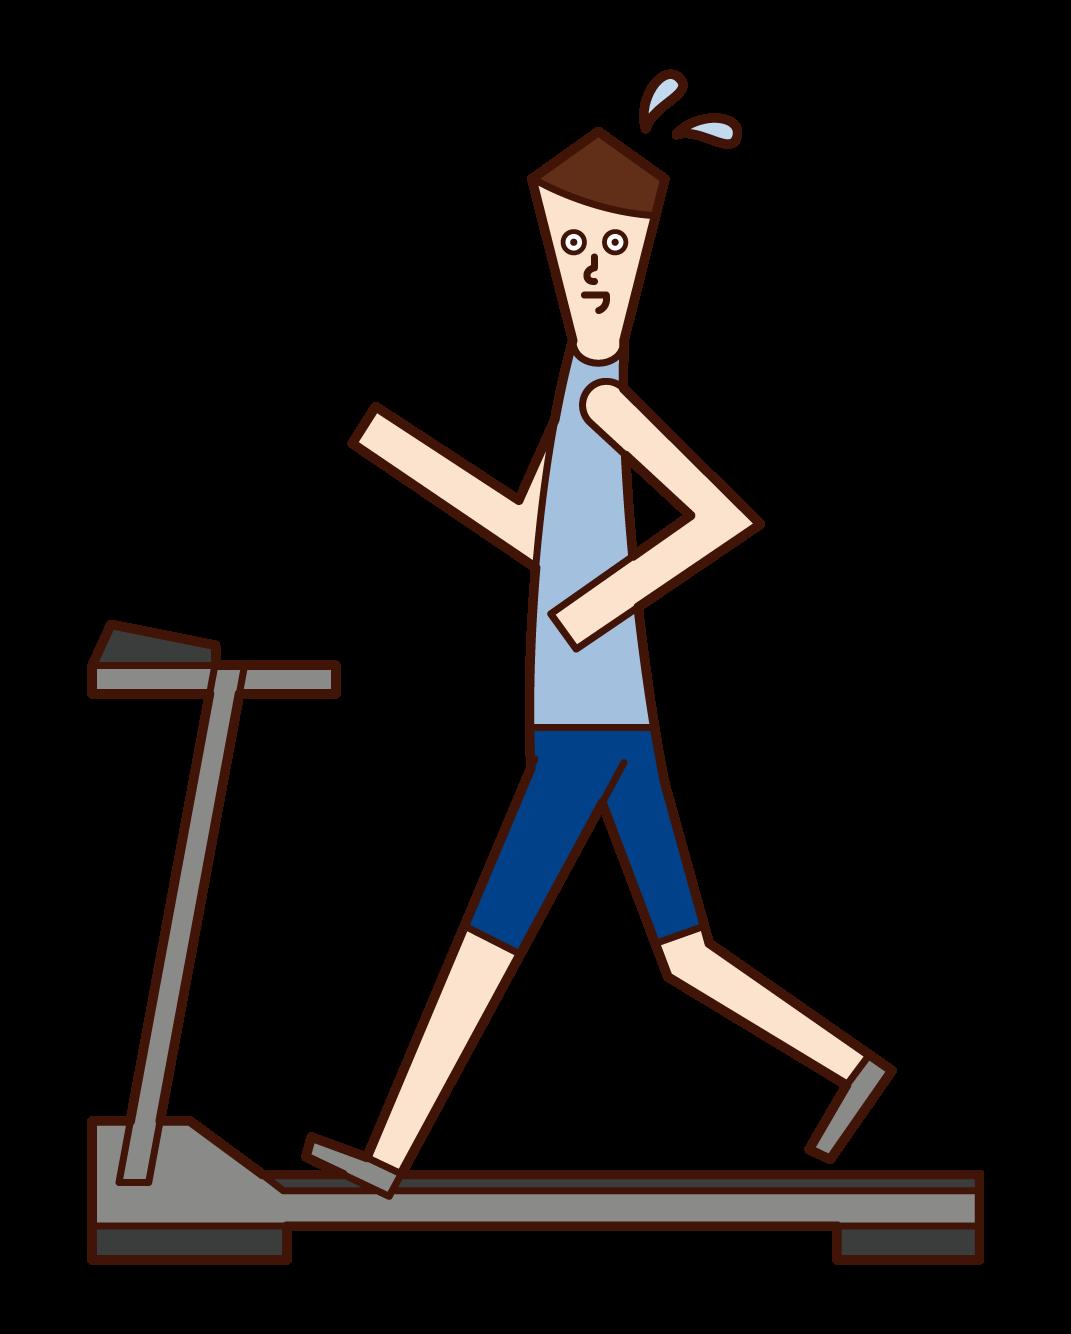 러닝머신에서 달리는 사람(남성)의 그림입니다